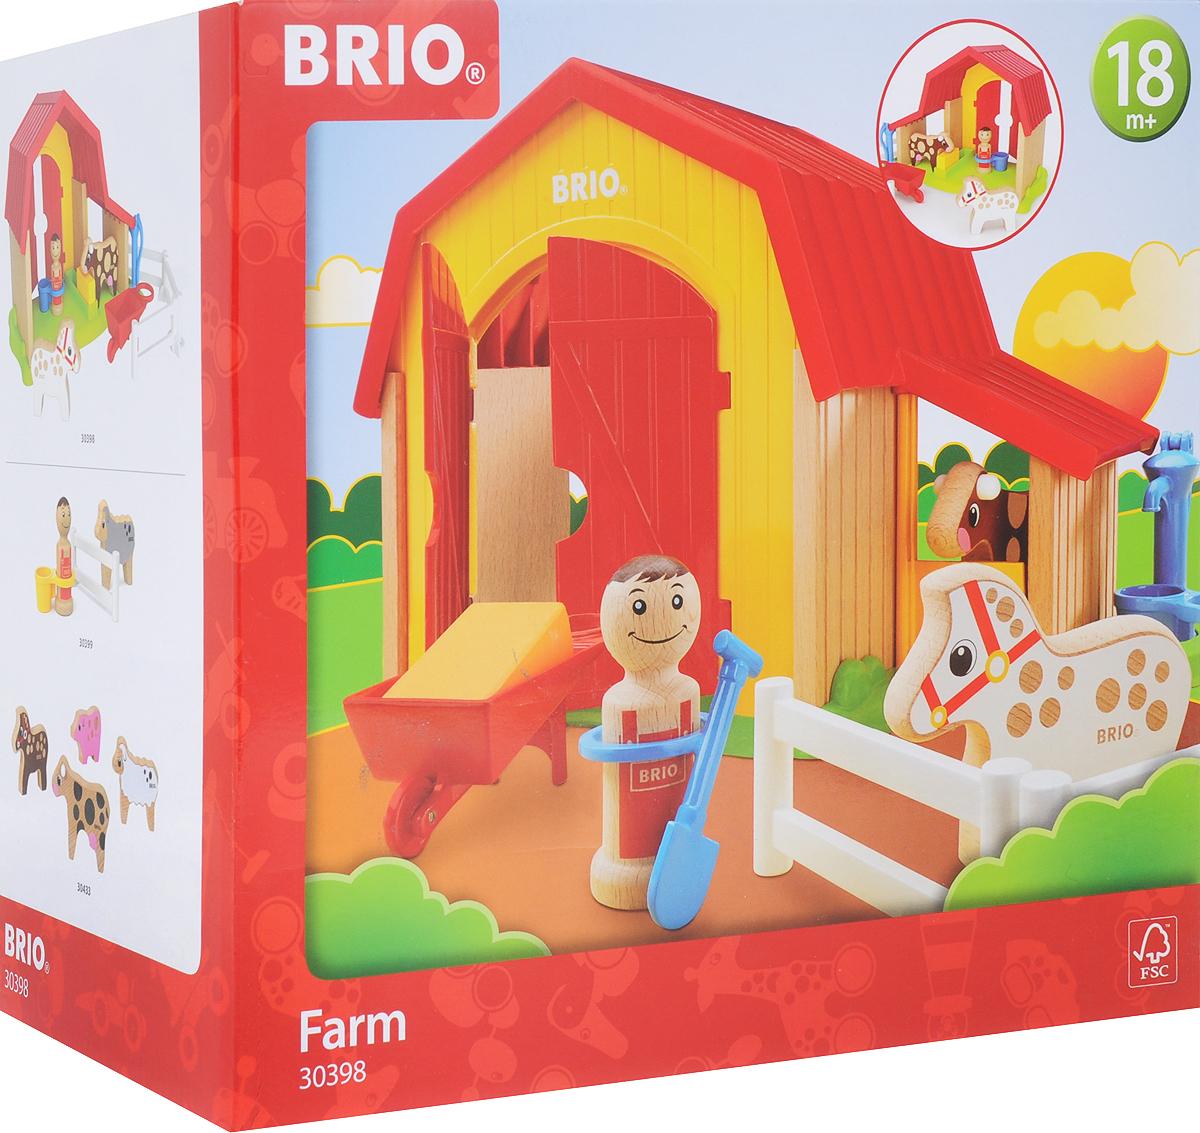 Игровой набор Brio Мой родной дом Ферма, 30398 игровой набор brio smart tech железнодорожный набор 33873 17 элементов